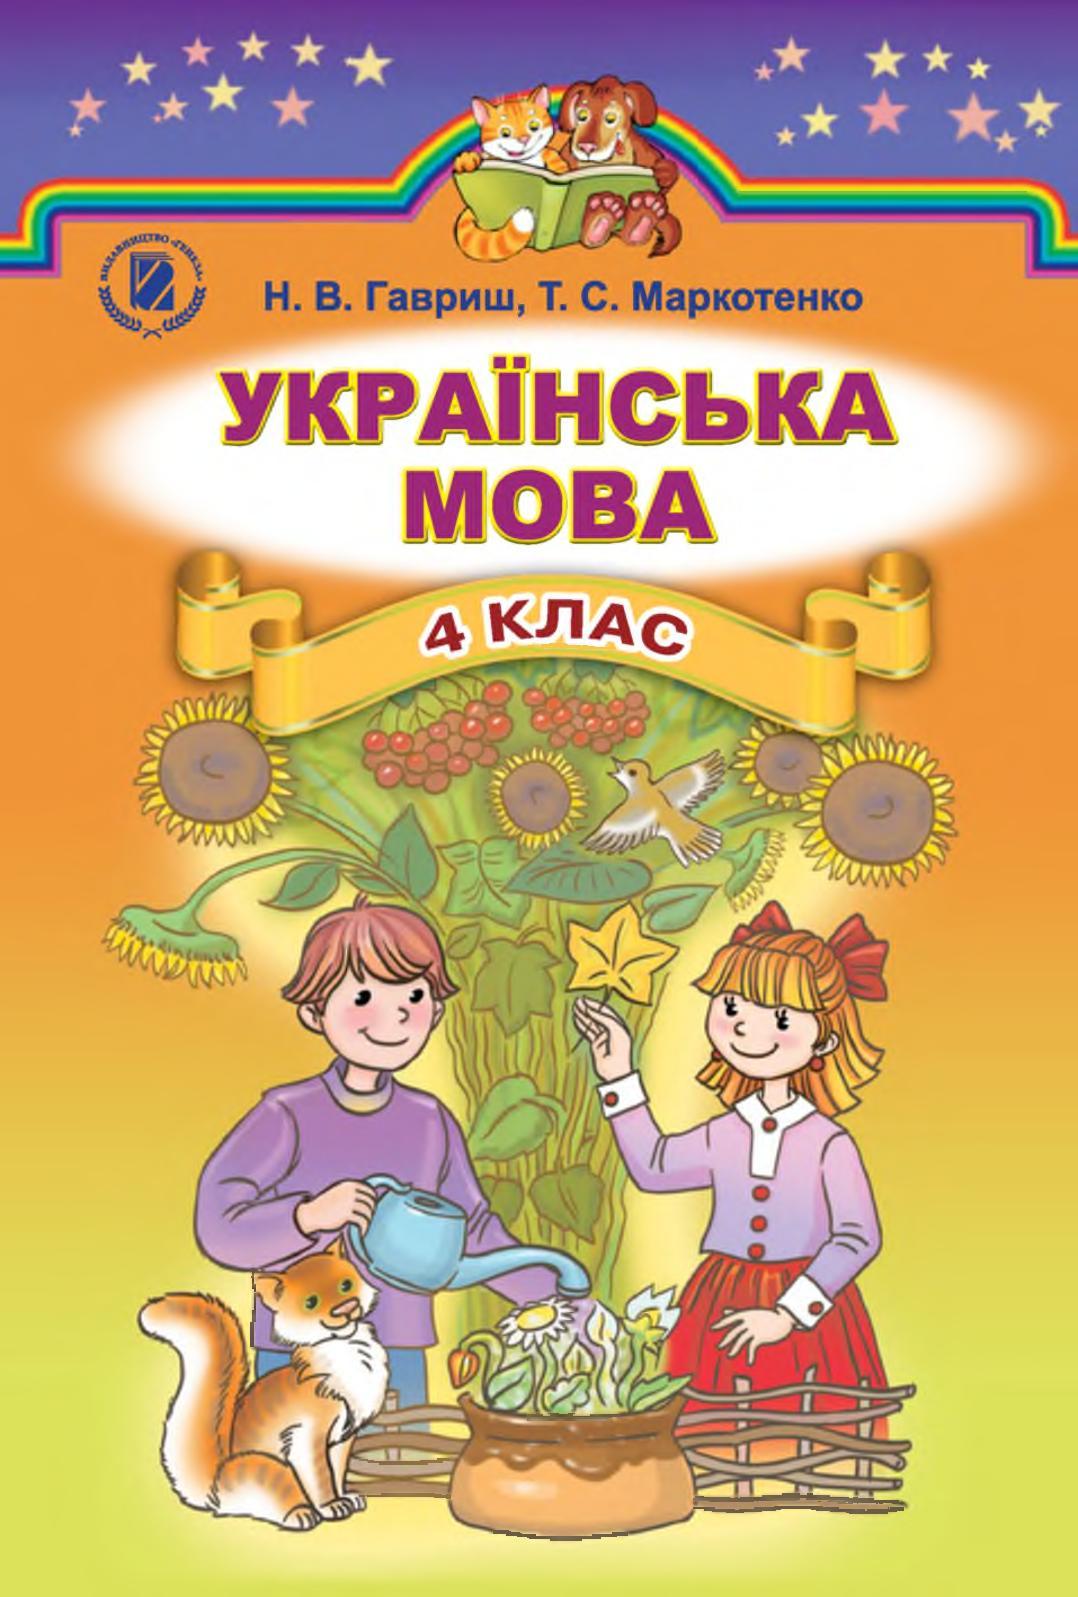 Решебник гдз 4 класс украинский язык воскресенская 2019 смотреть онлайн